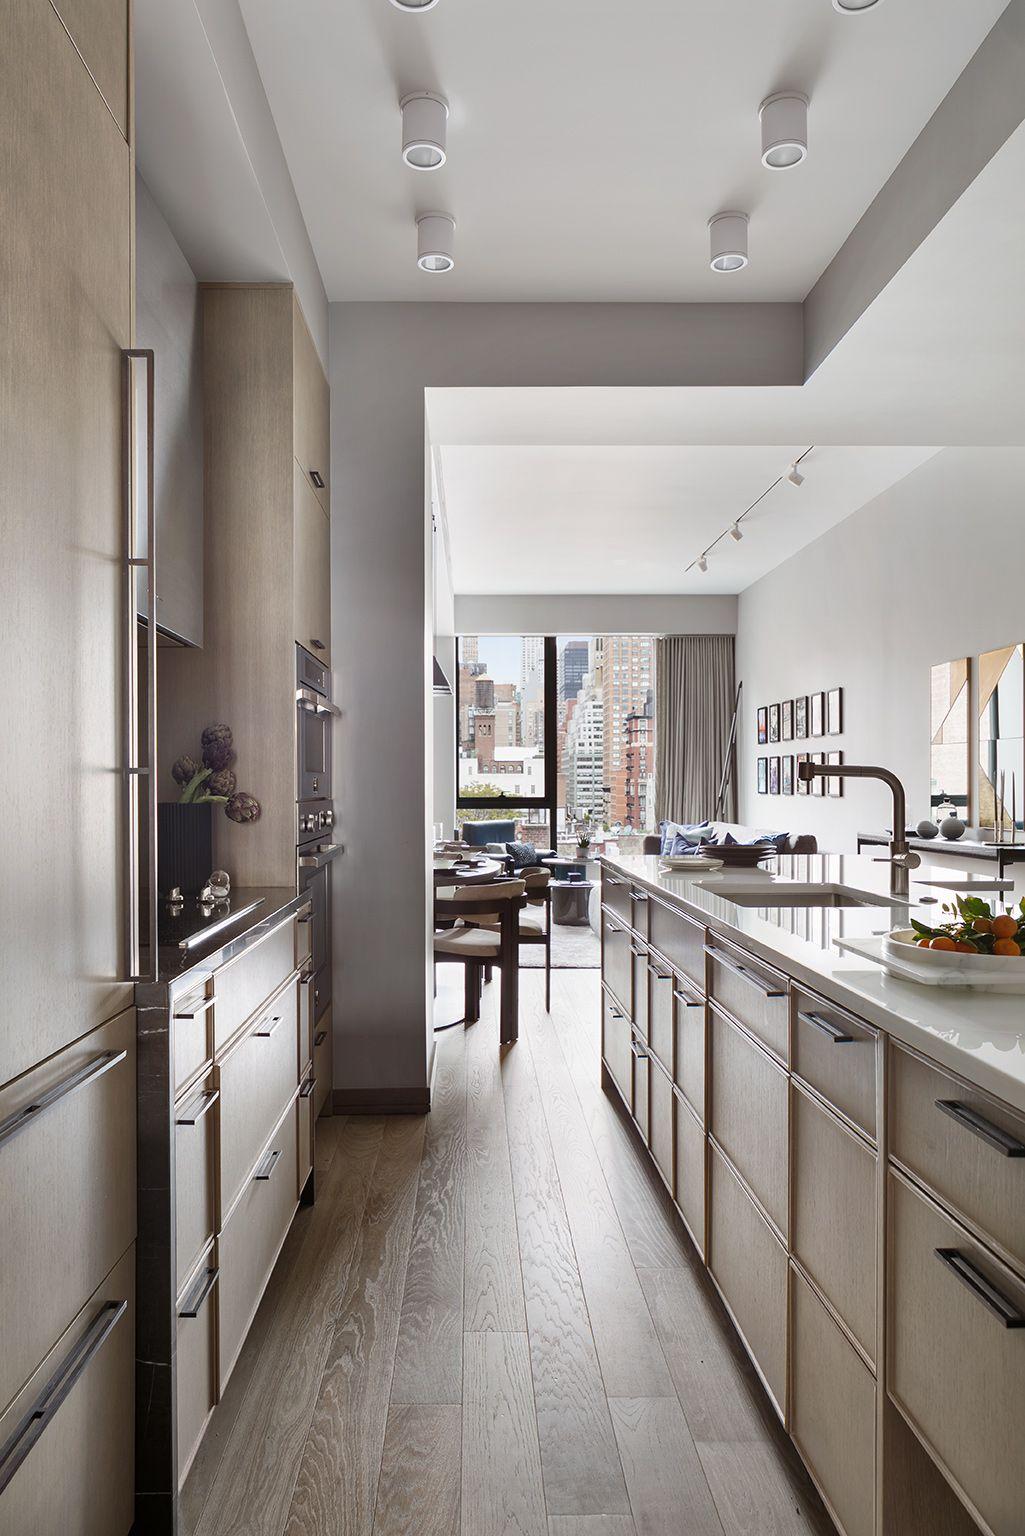 Ddp 9972 Jpg 1 025 1 536 Pixels Manhattan Kitchen Kitchen Inspirations Dream Kitchen